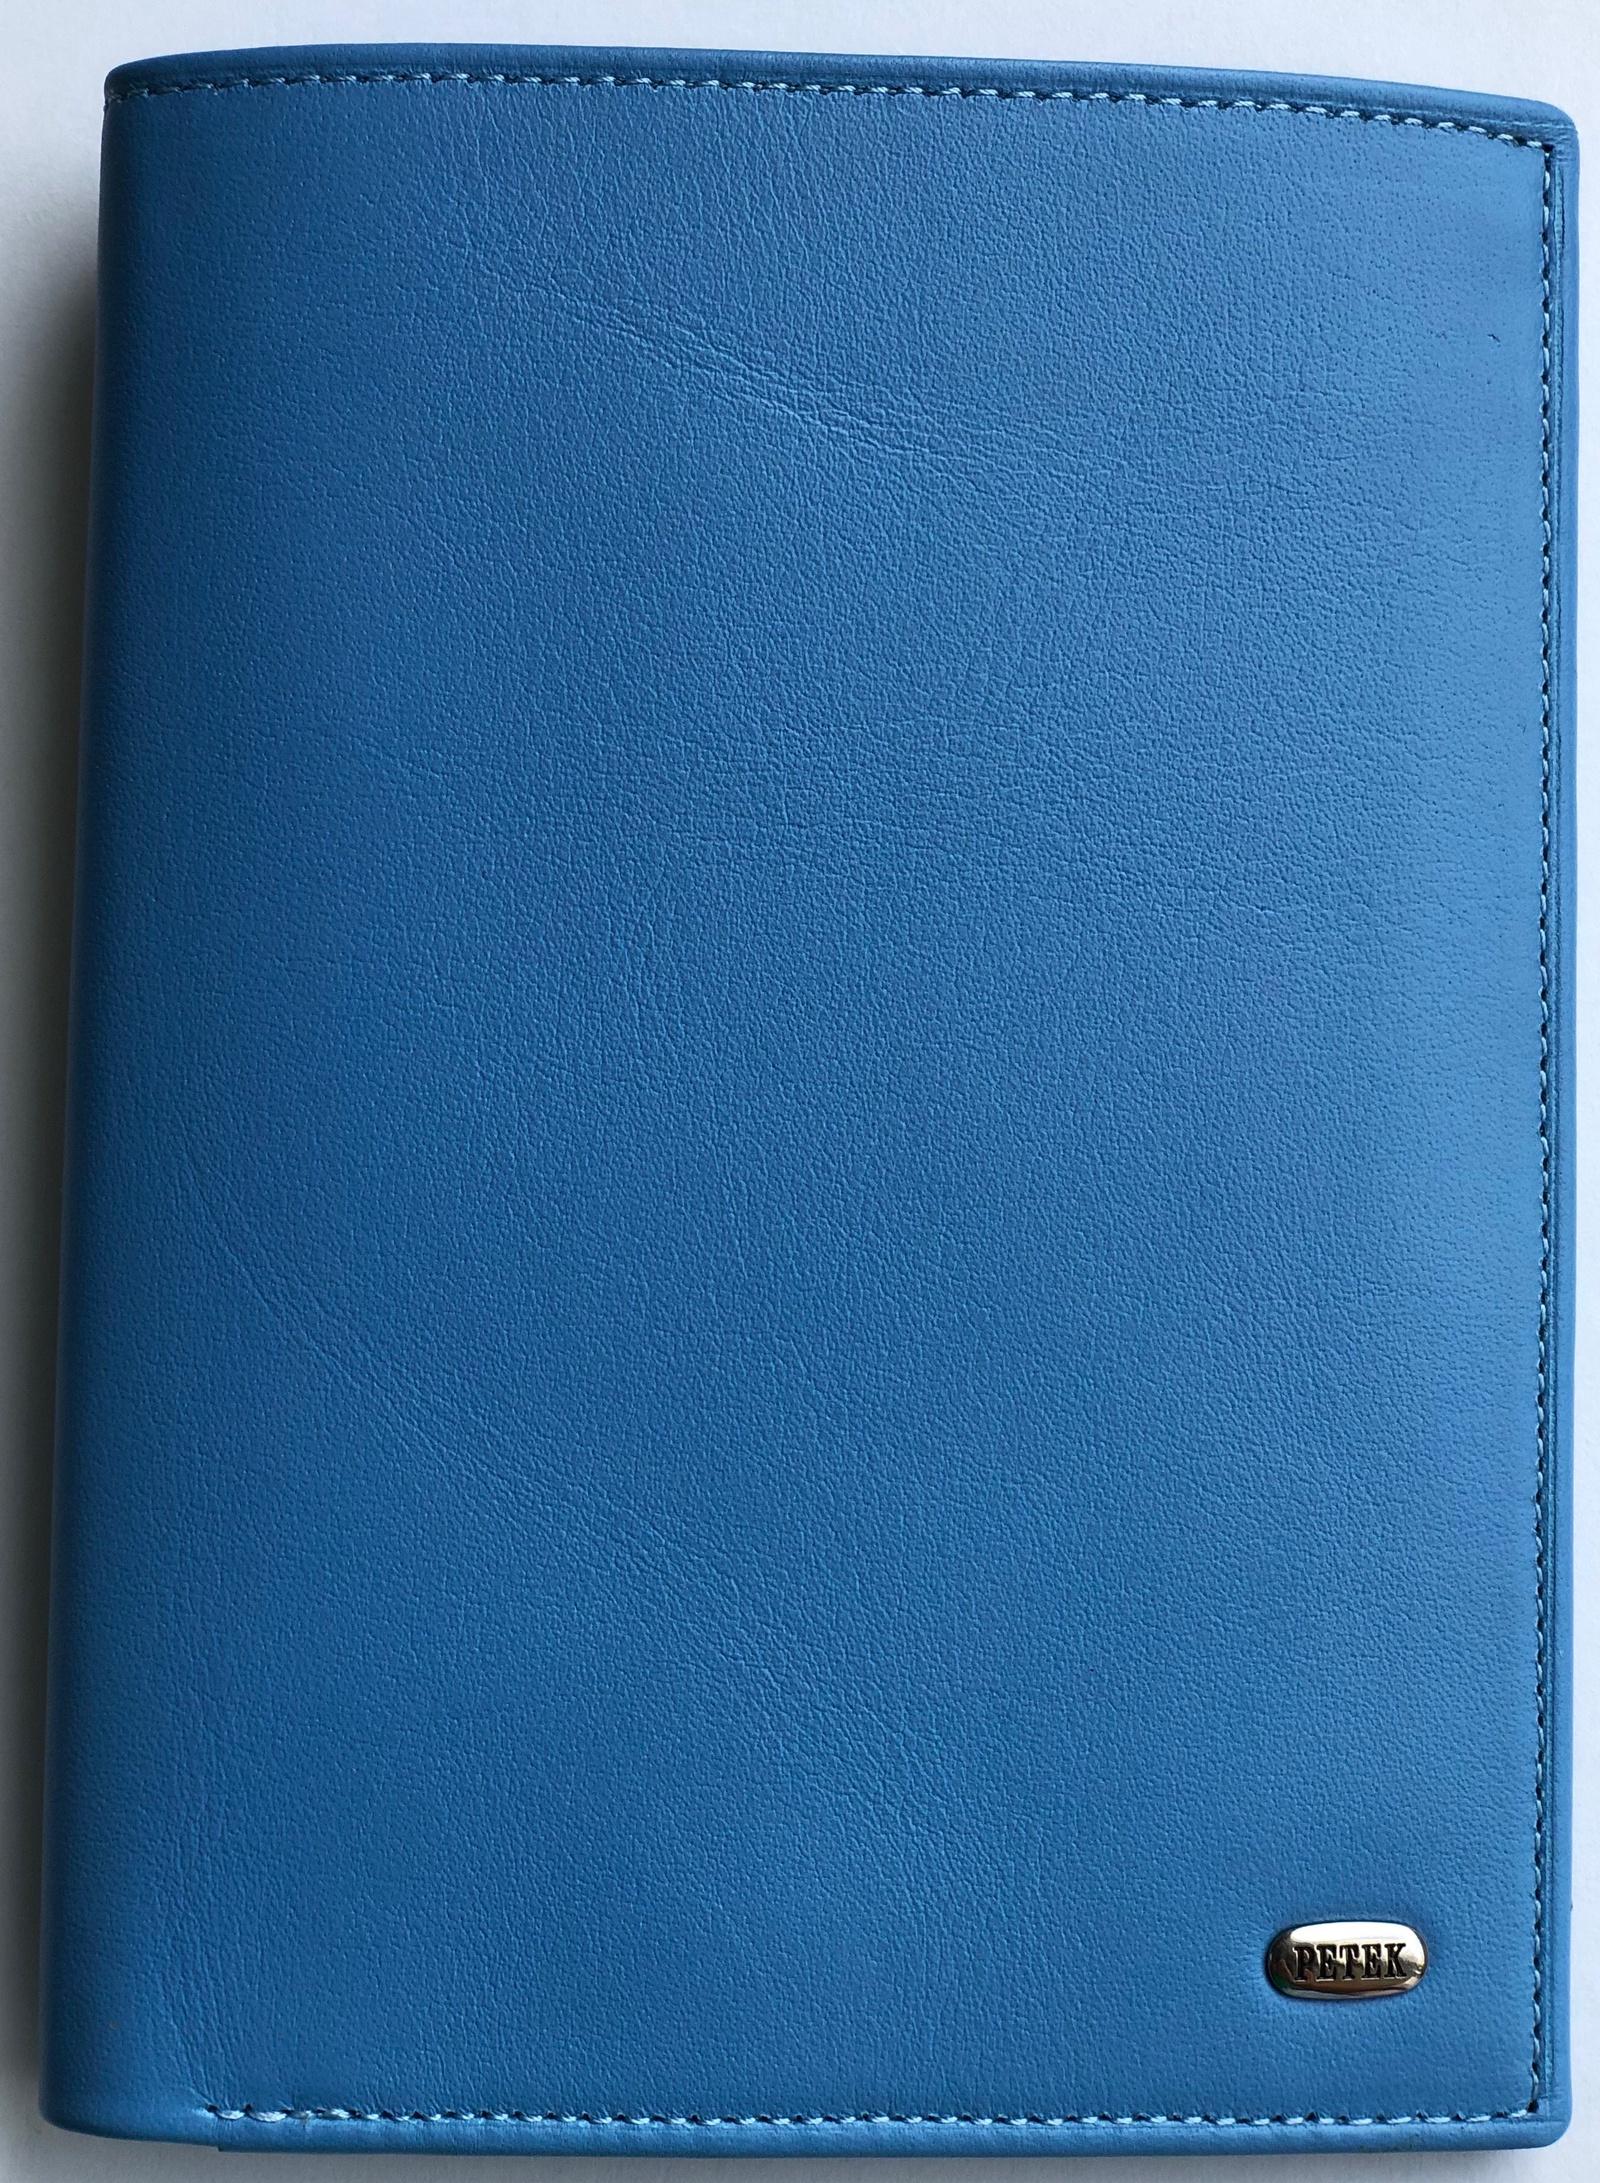 Обложка для документов Petek 1855 обложка для документов petek 1855